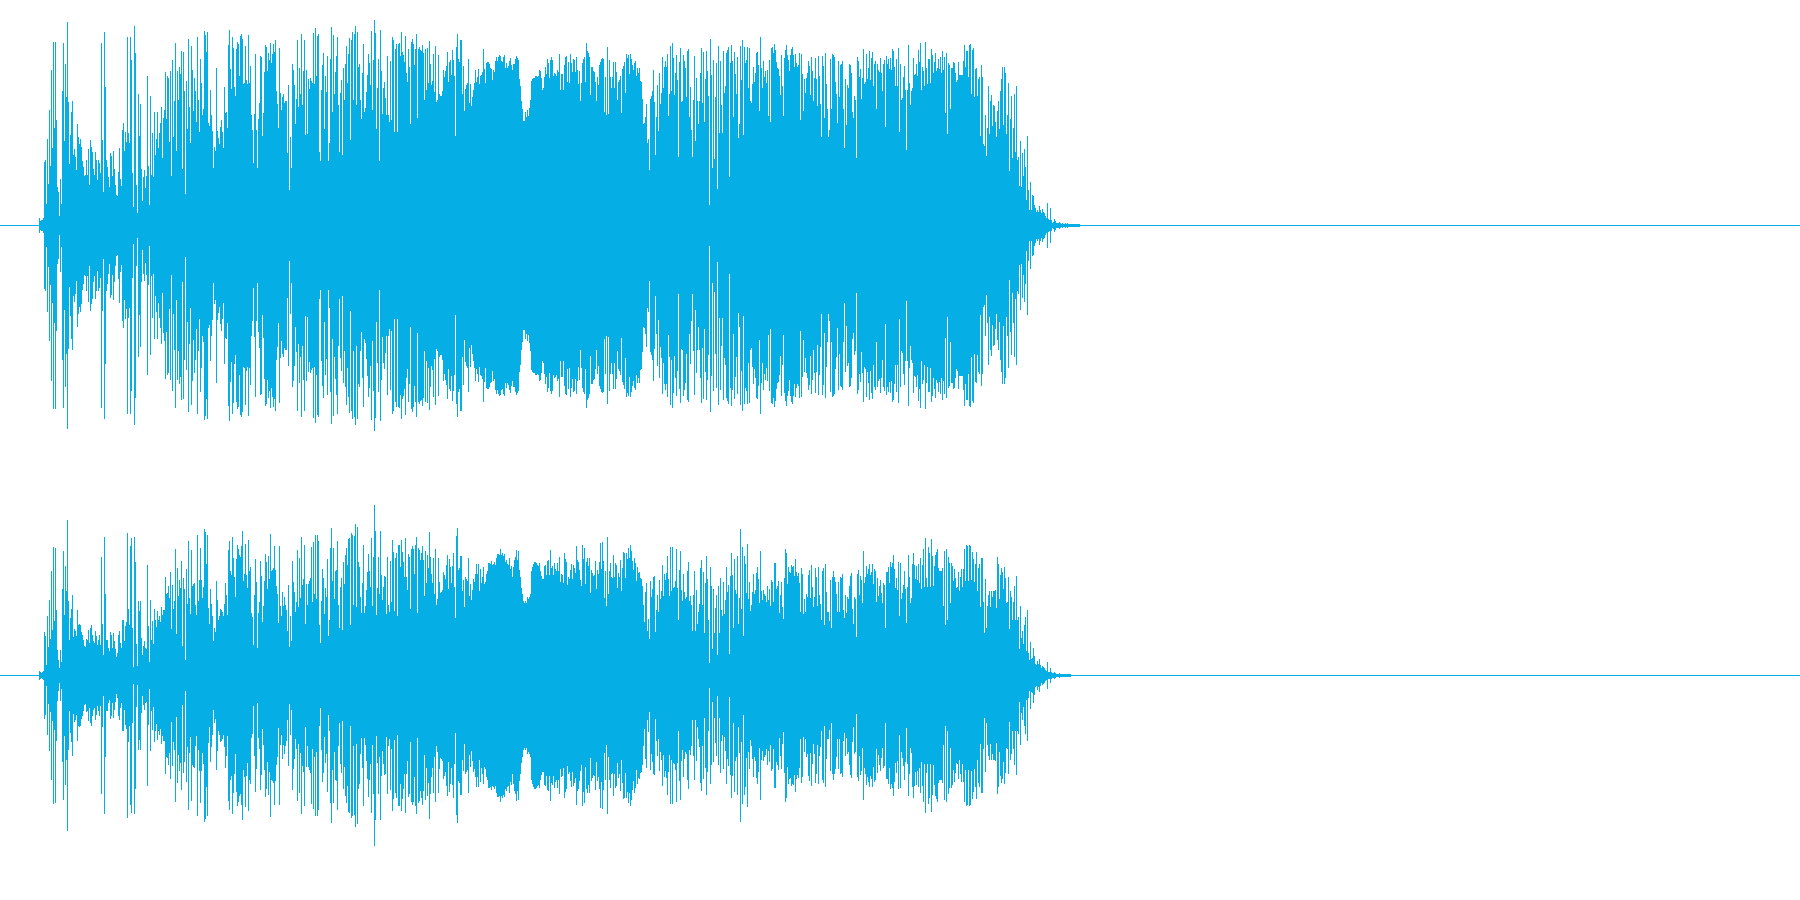 くわくわの再生済みの波形